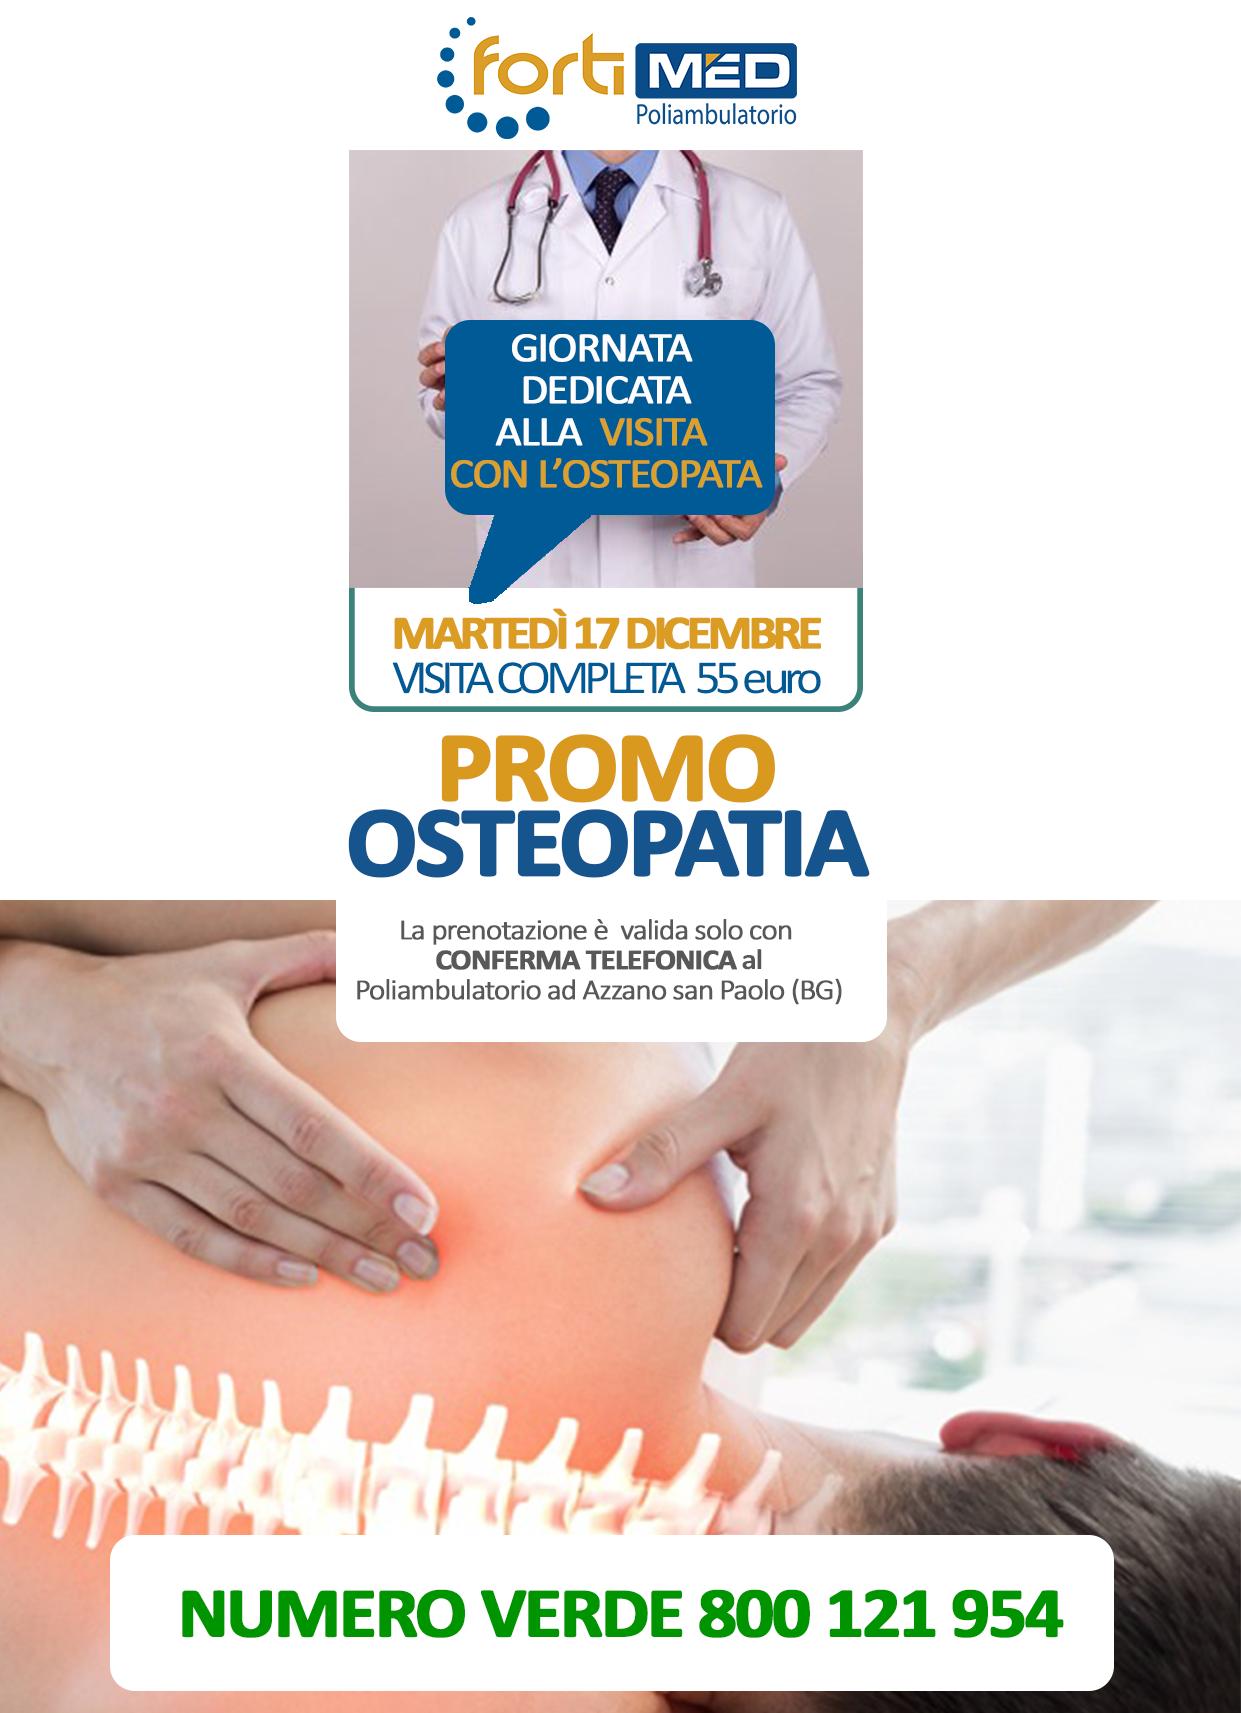 Visita completa con l'osteopata nella giornata di Martedì 17 Dicembre dalle 11:00 alle 16:00